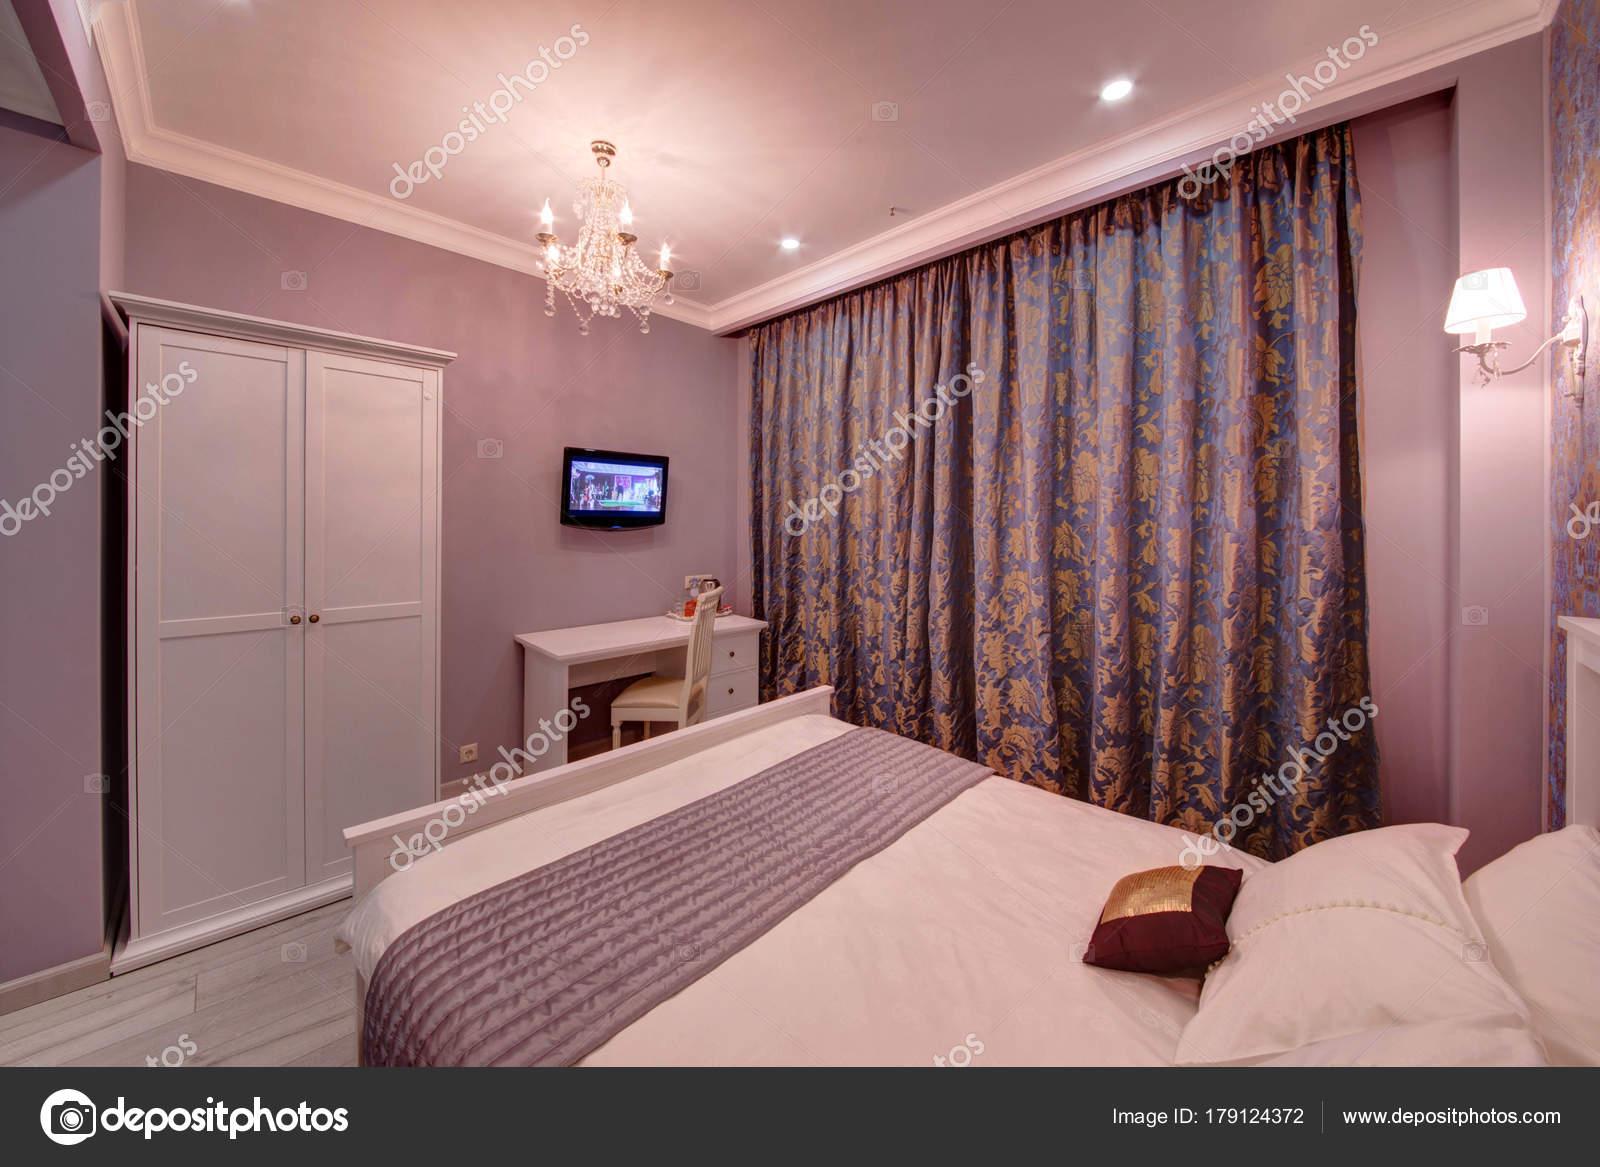 de slaapkamer met gordijnen donker de tv op een muur een kaptafel en een case voor kleding foto van twins03